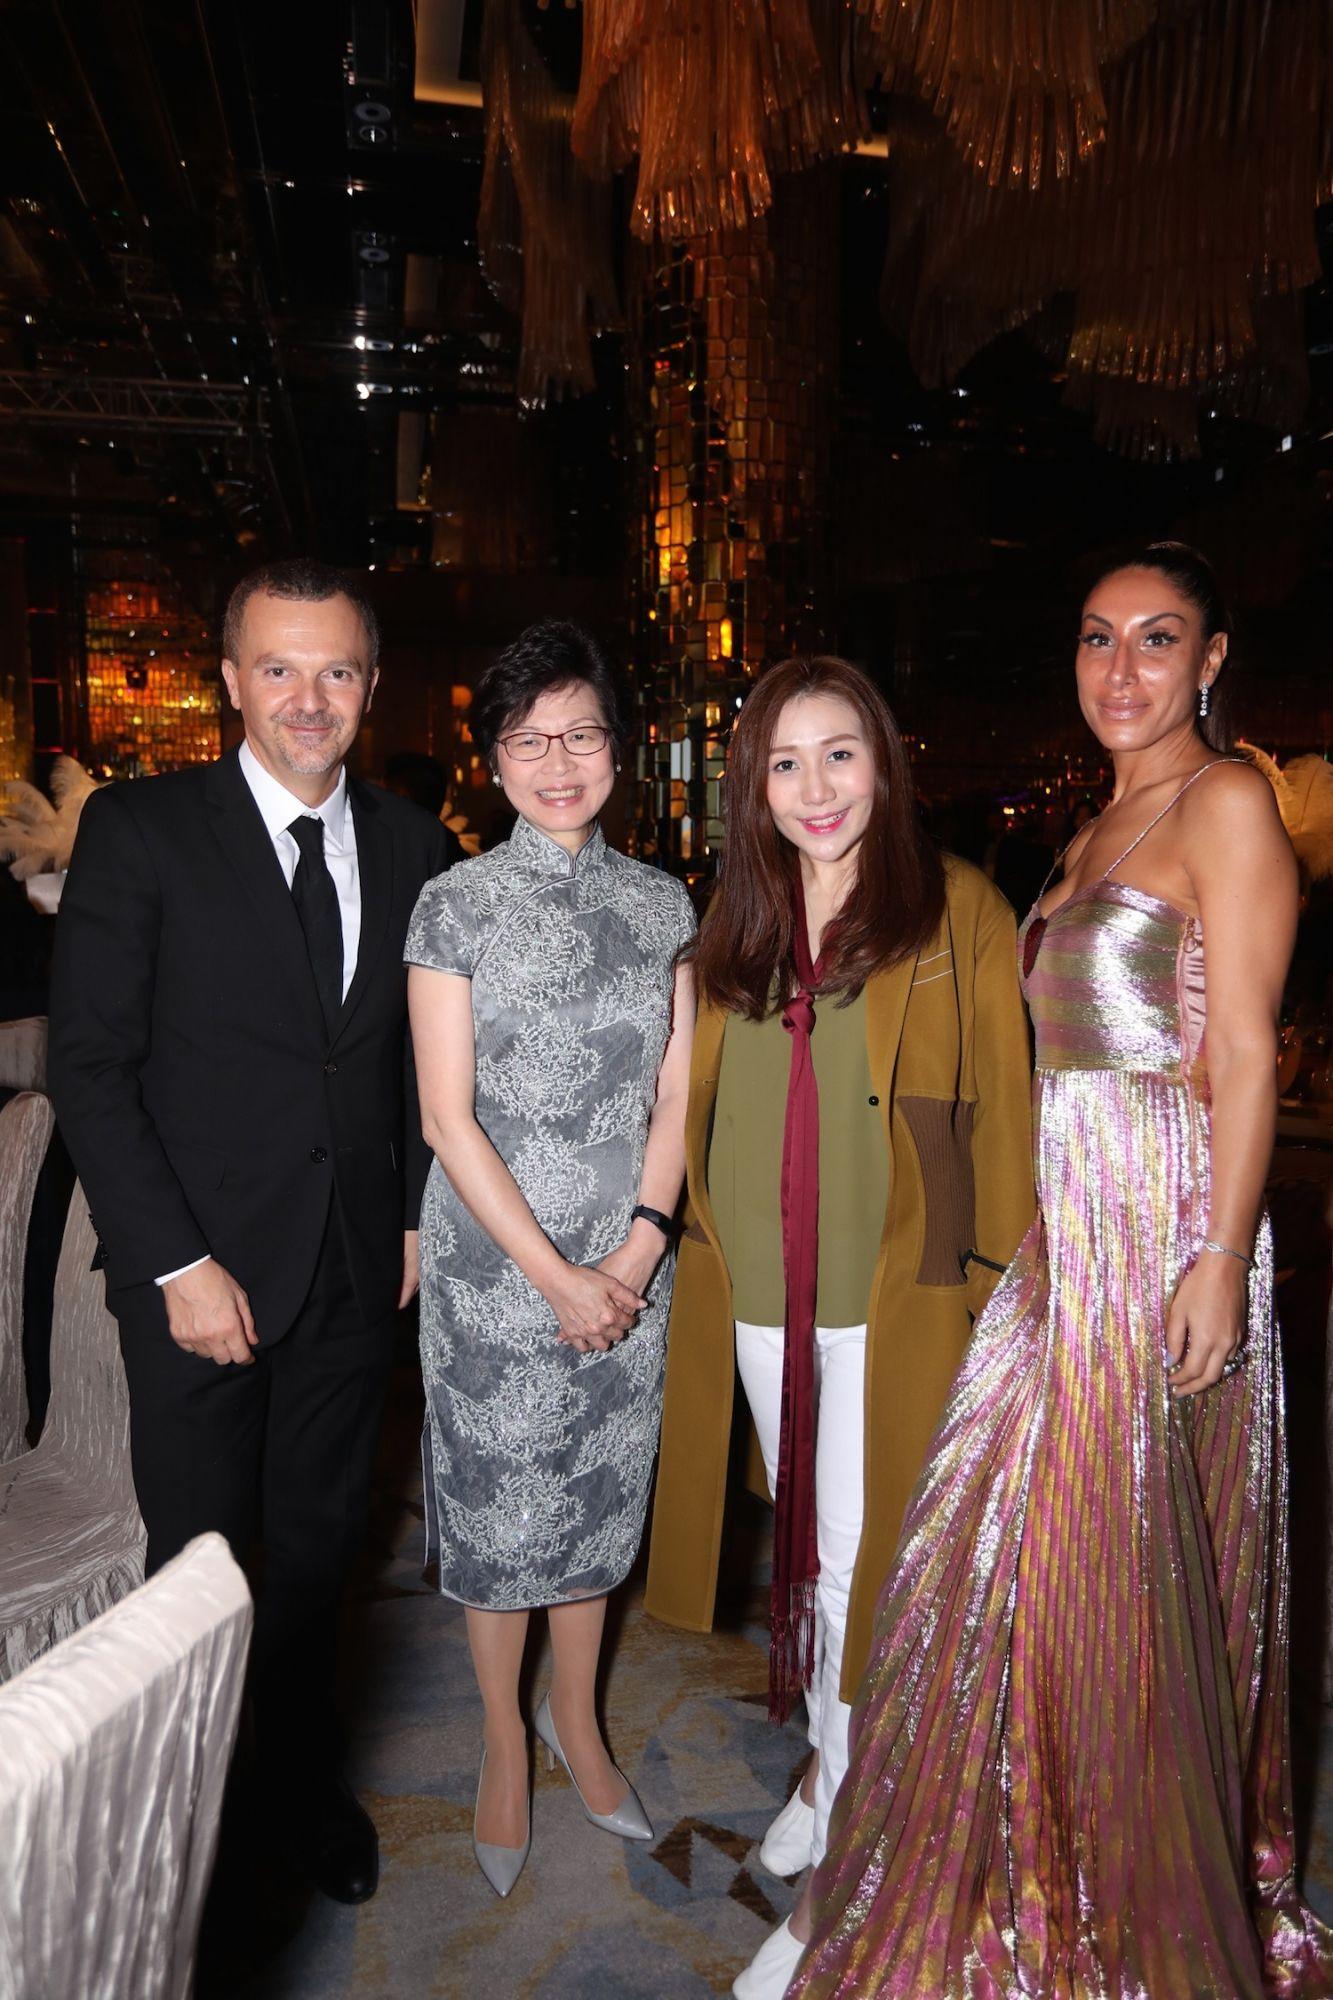 Antonello De Riu, Carrie Lam, Sabrina Ho and Miriam De Riu